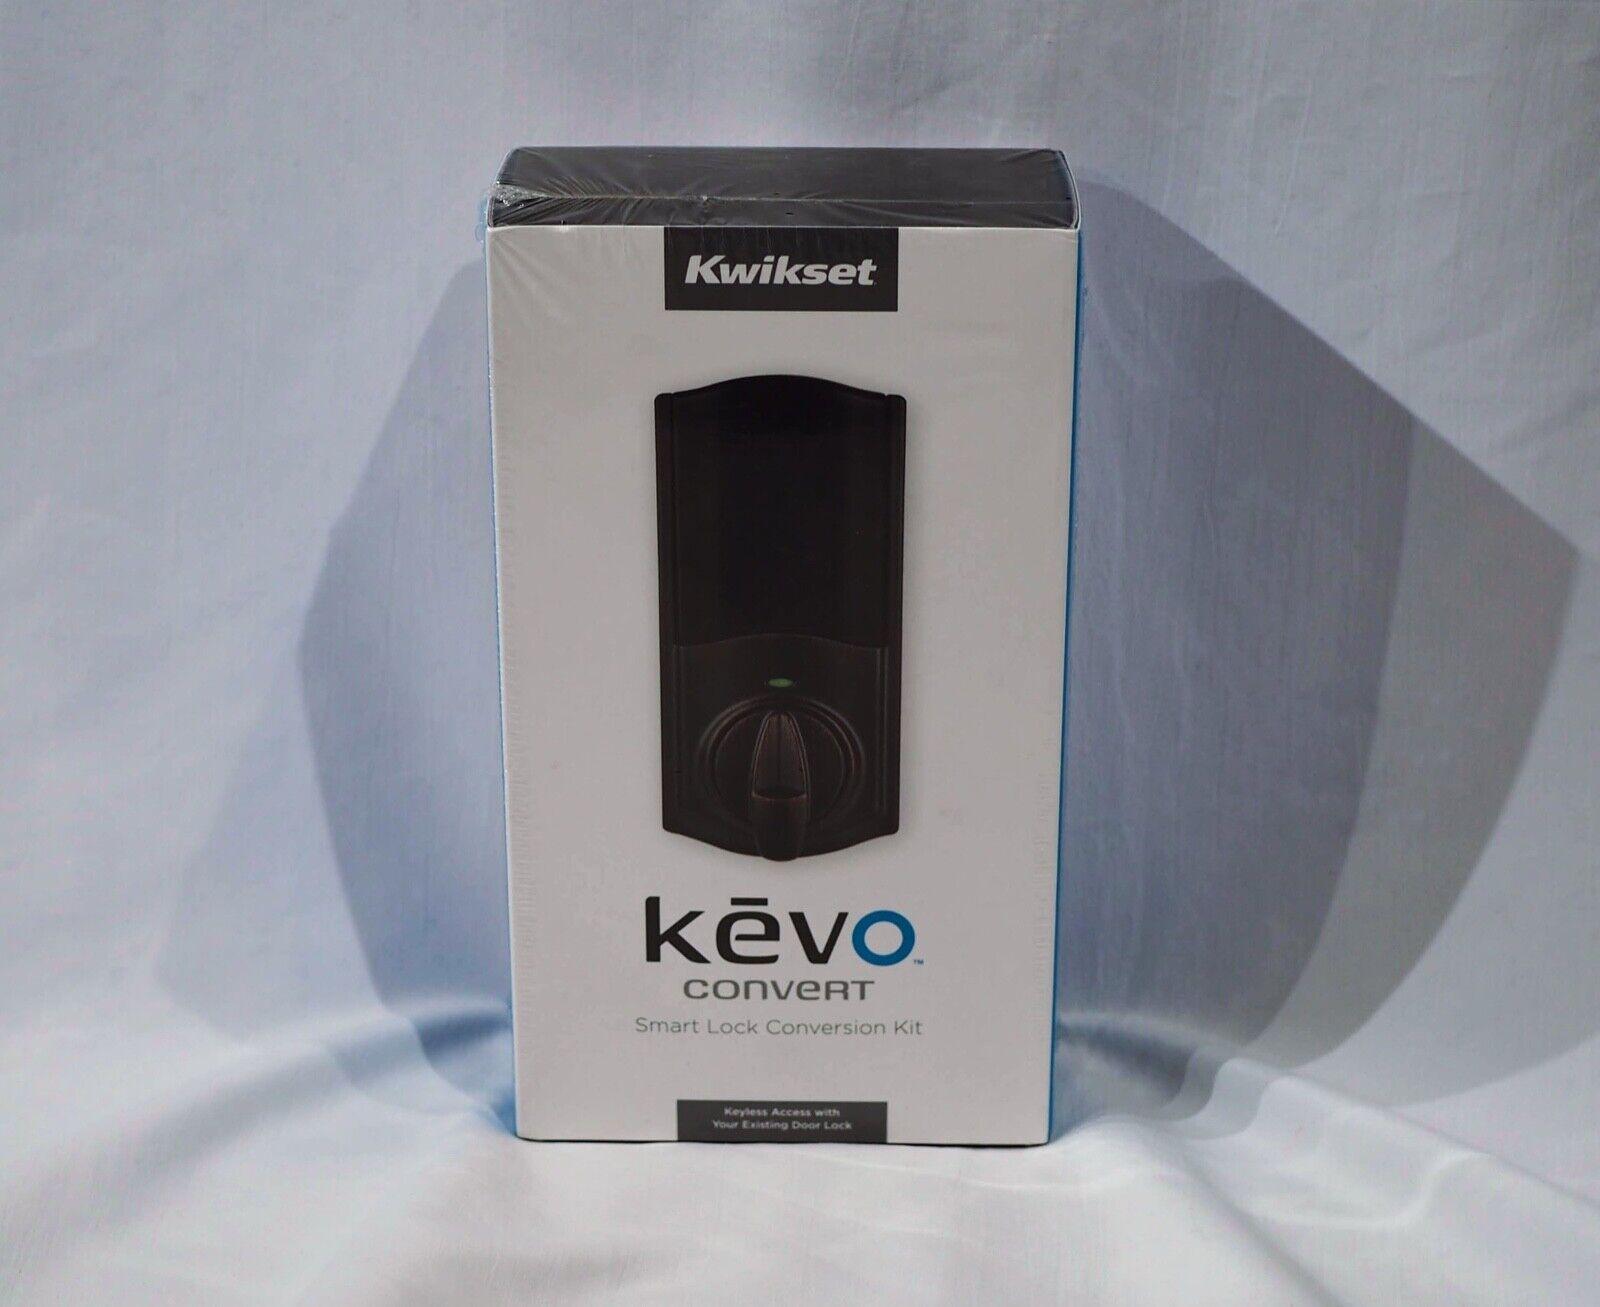 Kwikset Kevo Convert Smart Lock in Venetian Bronze Conversio